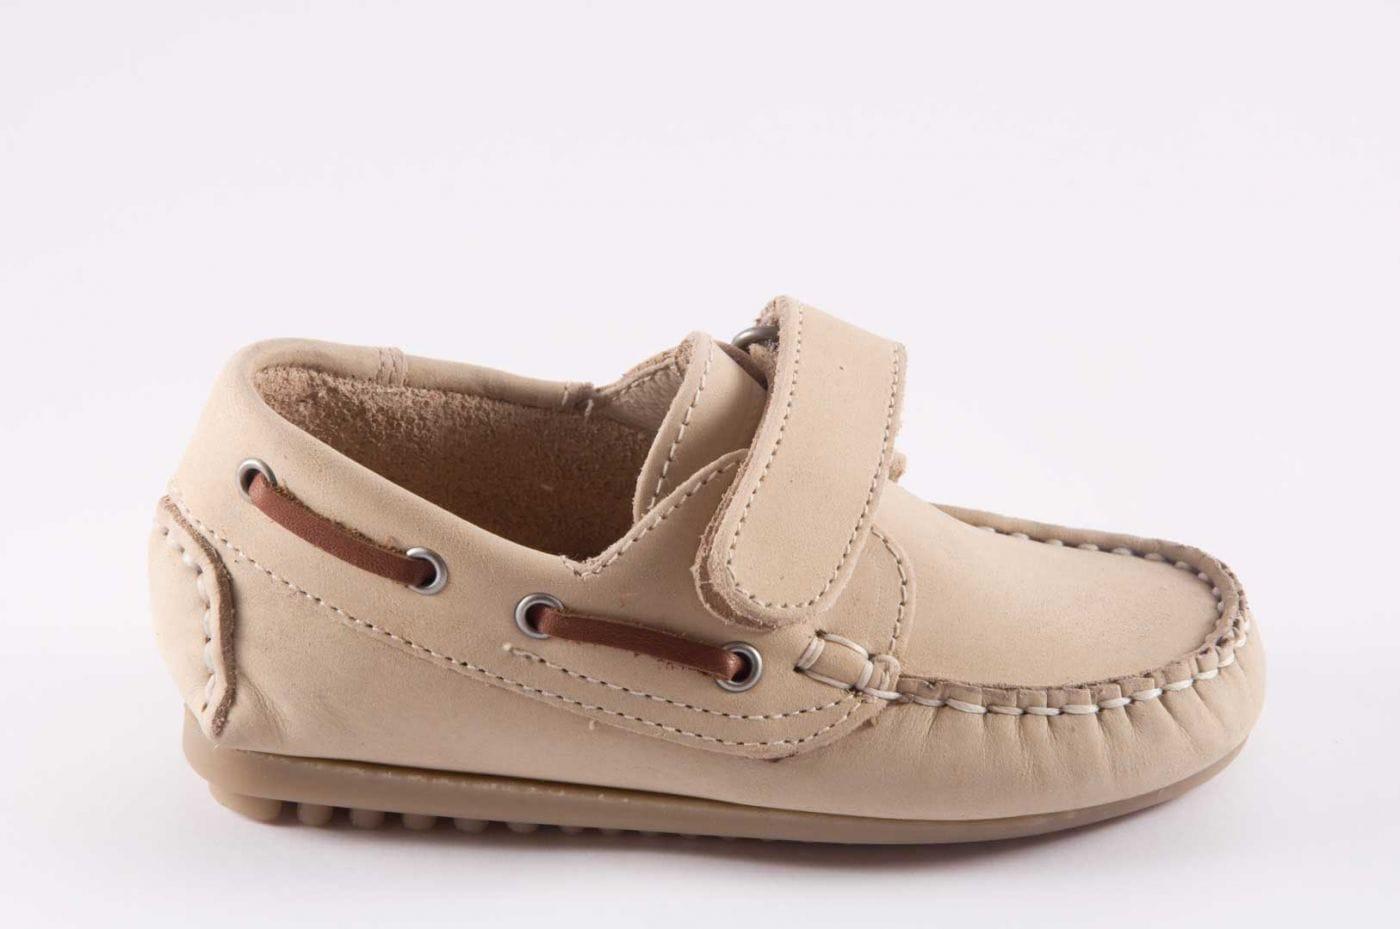 909f3cd493b Comprar zapato tipo JOVEN NIÑO estilo NAUTICO COLOR BEIGE PIEL ...